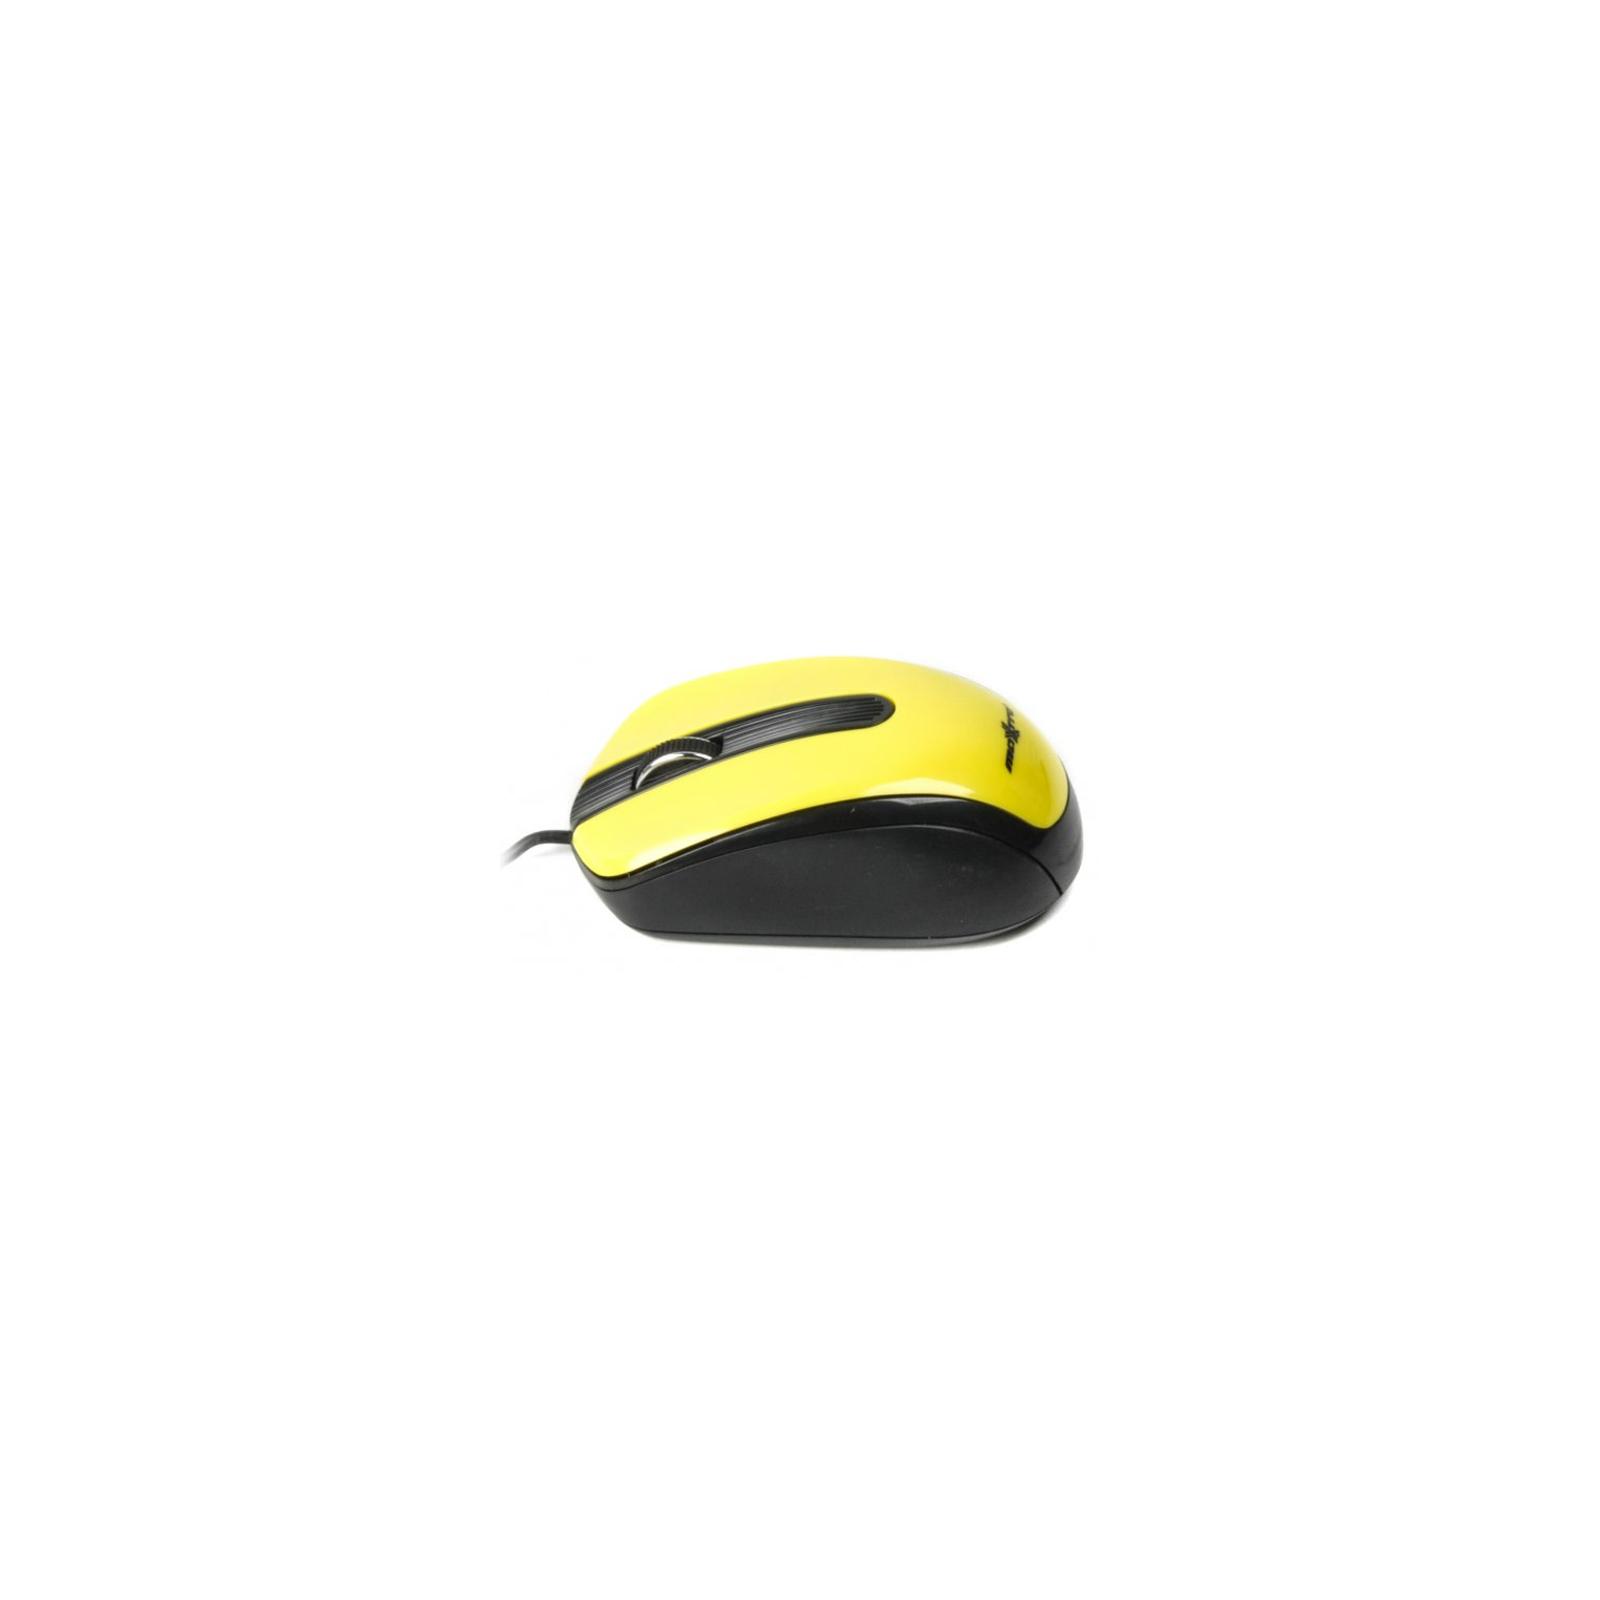 Мышка Maxxter Mc-325-Y изображение 2